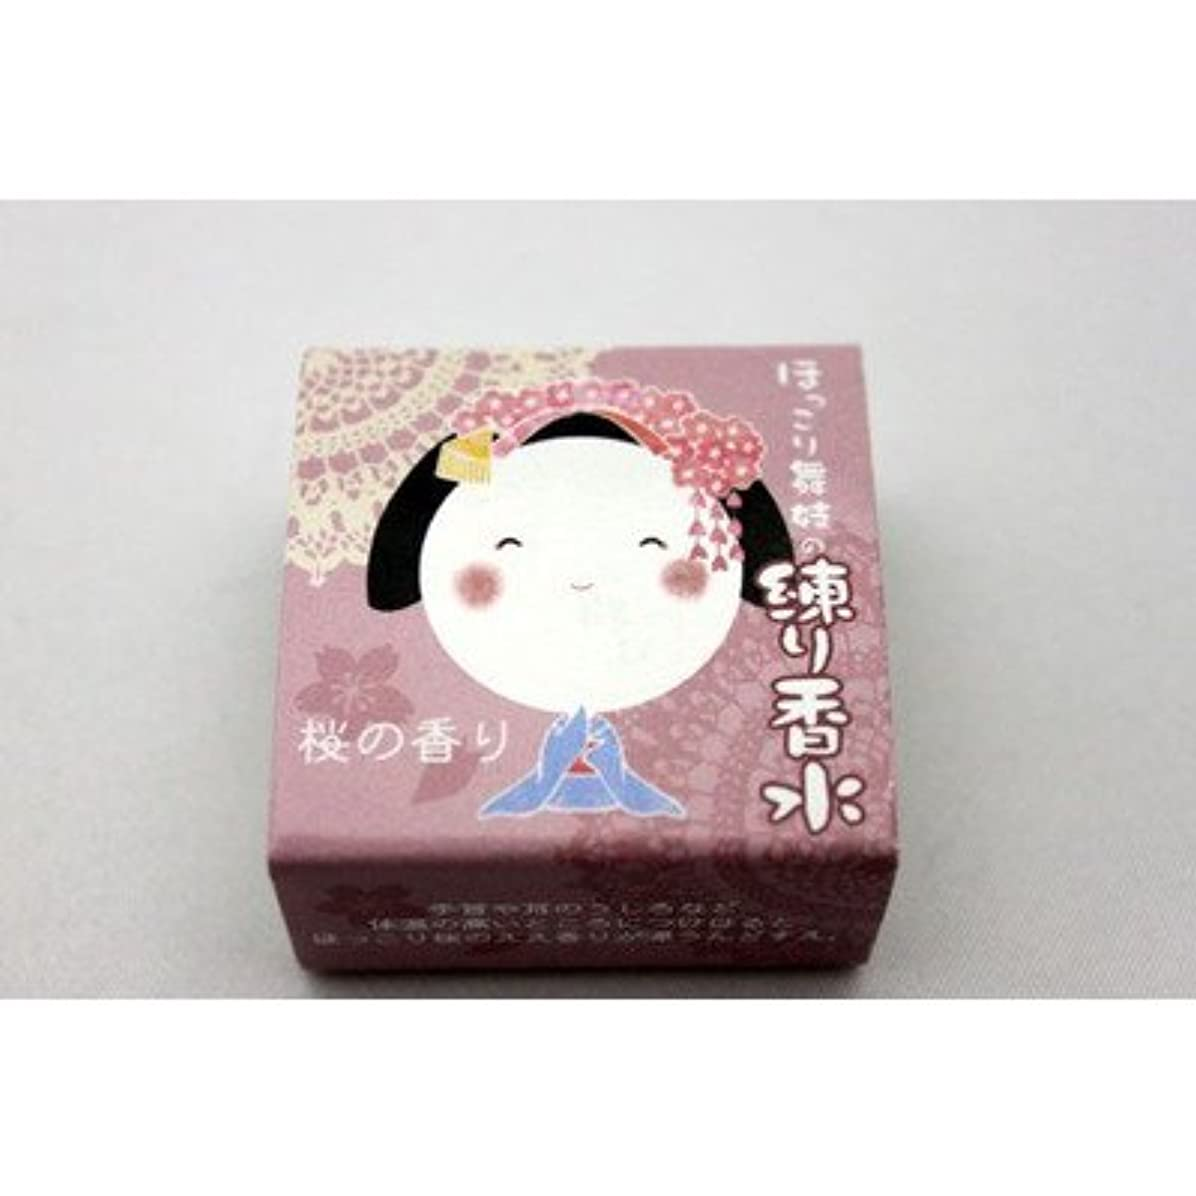 不実色松の木練り香水 桜の香り ほっこり舞妓 京都 ほっこりさん